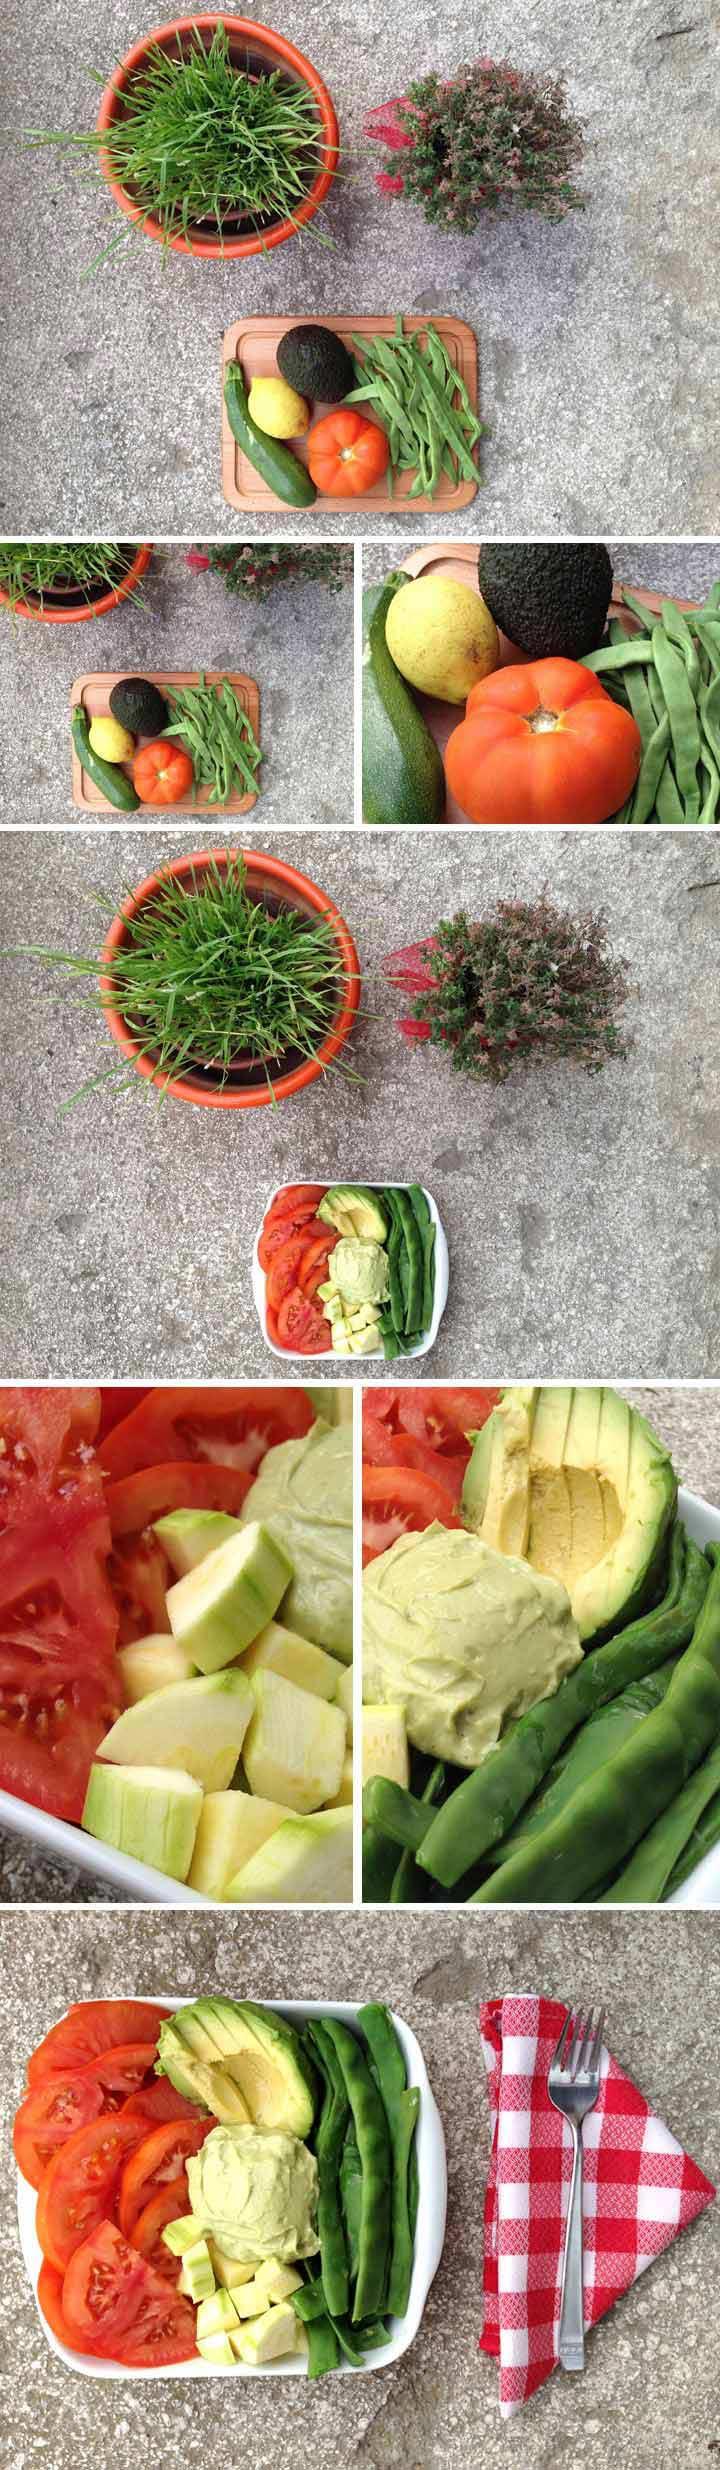 Ingredientes y elaboración dieta anticandida